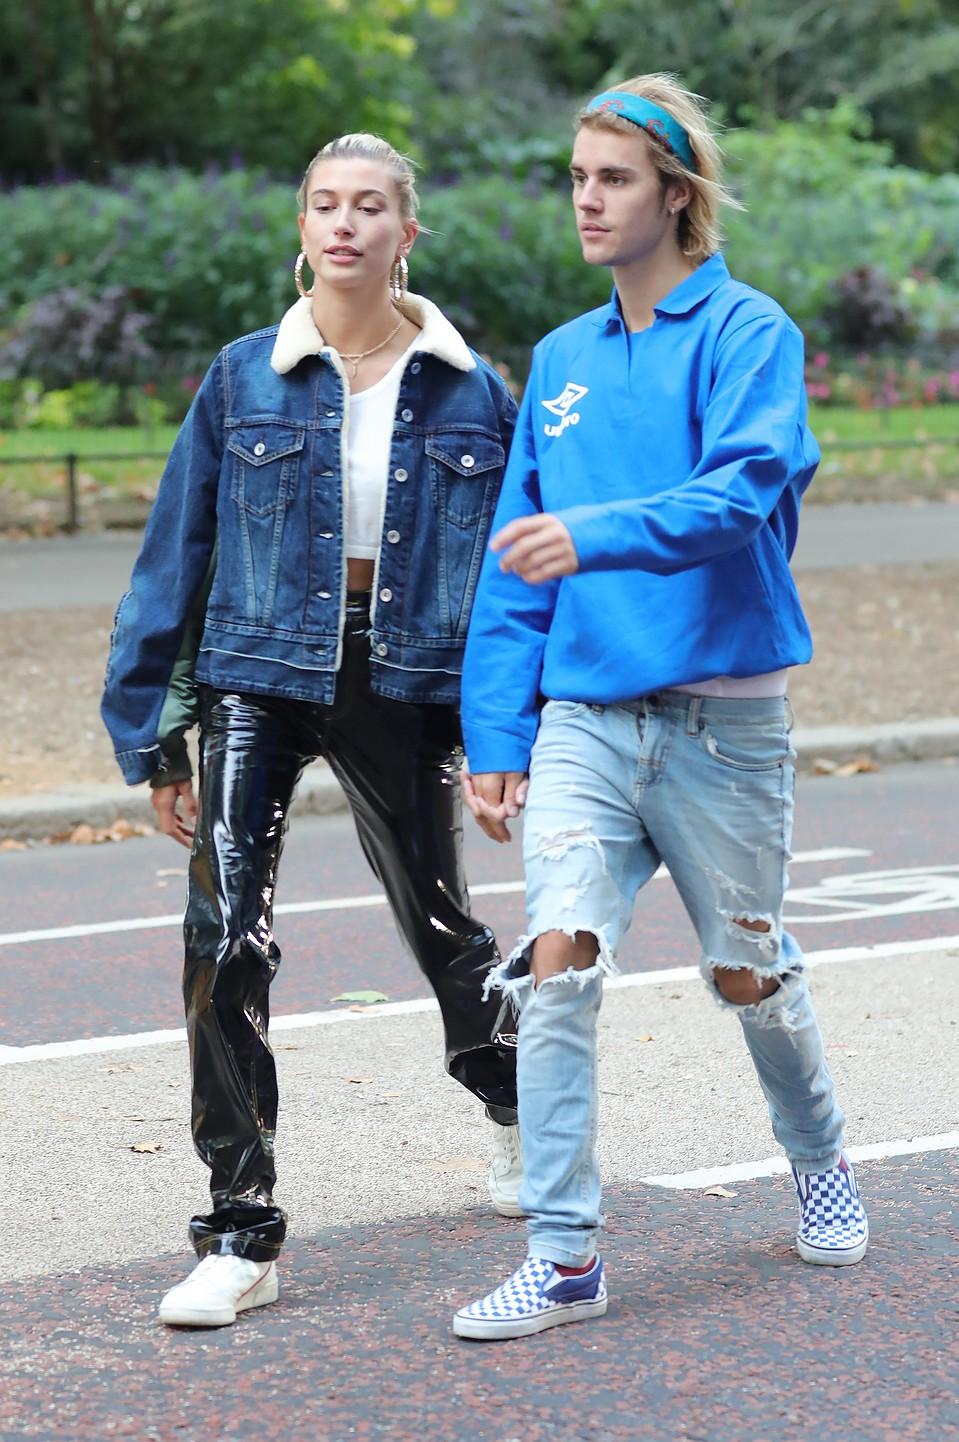 После расставания с Селеной Джастин женился на модели Хейли Болдуин. Фото: GLOBAL LOOK PRESS